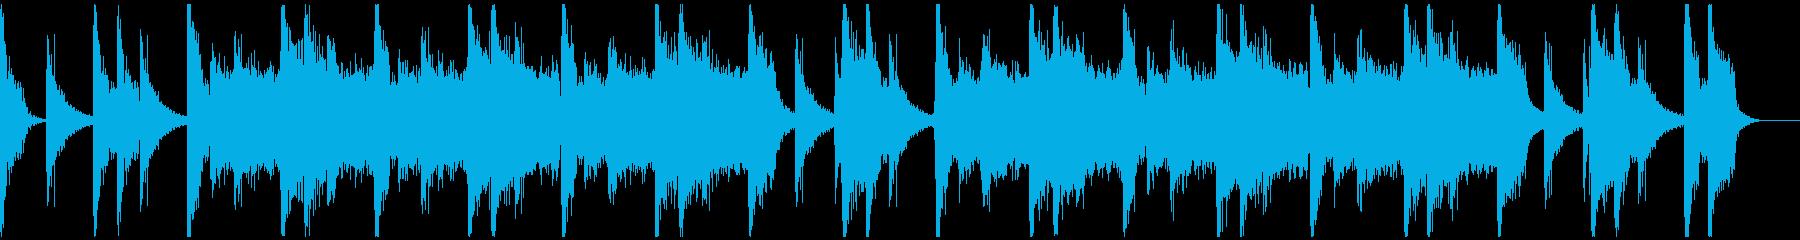 パワフルクラップ&ストンプのロック30秒の再生済みの波形